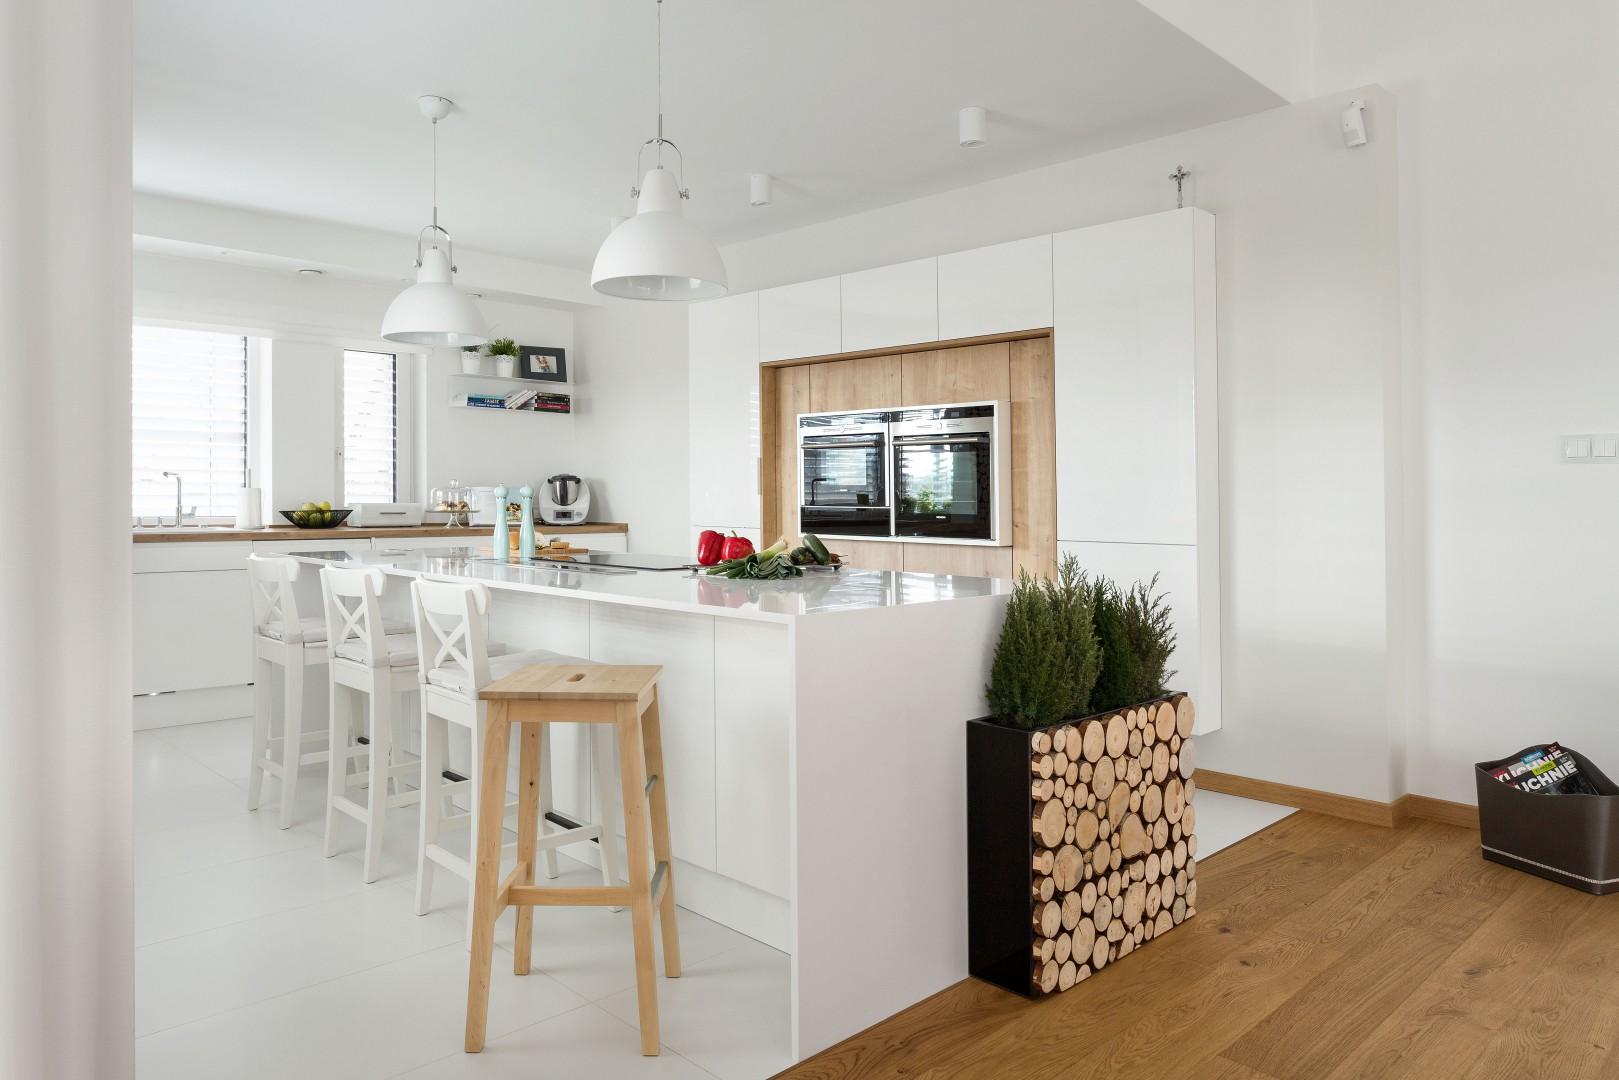 Biała kuchnia w minimalistycznym stylu. Wyspa pełni rolę miejsca gotowania i przygotowywania posiłków. Umieszczono w niej okap montowany na blacie .Projekt: Małgorzata Błaszczak. Fot. Artur Krupa